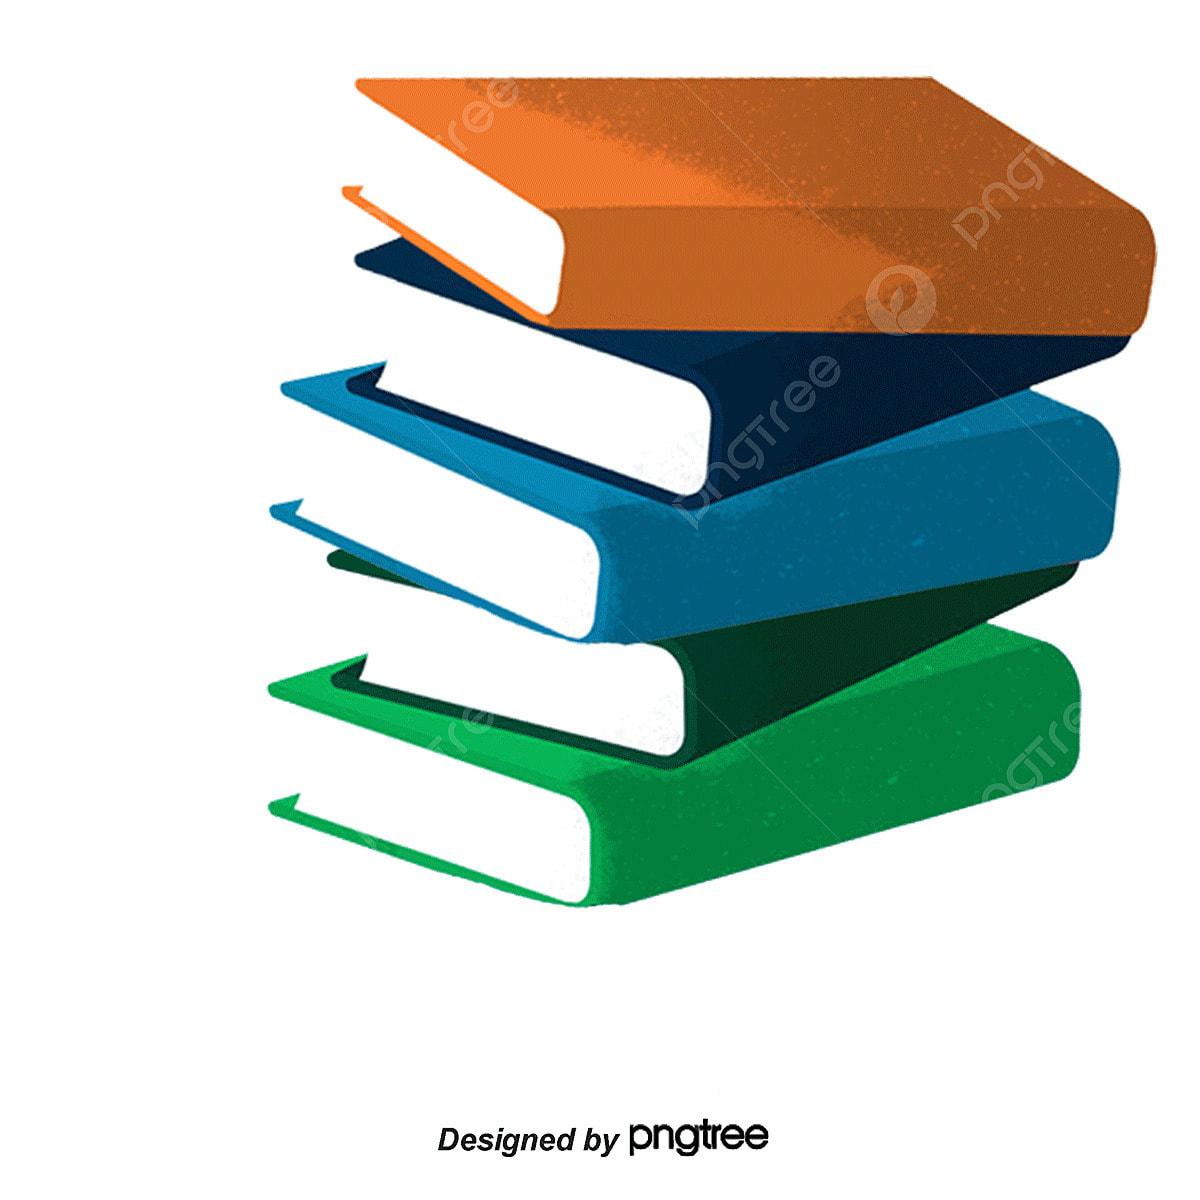 الكتب مكدسة المعرفة ورقة الكتاب المدرسي Png وملف Psd للتحميل مجانا